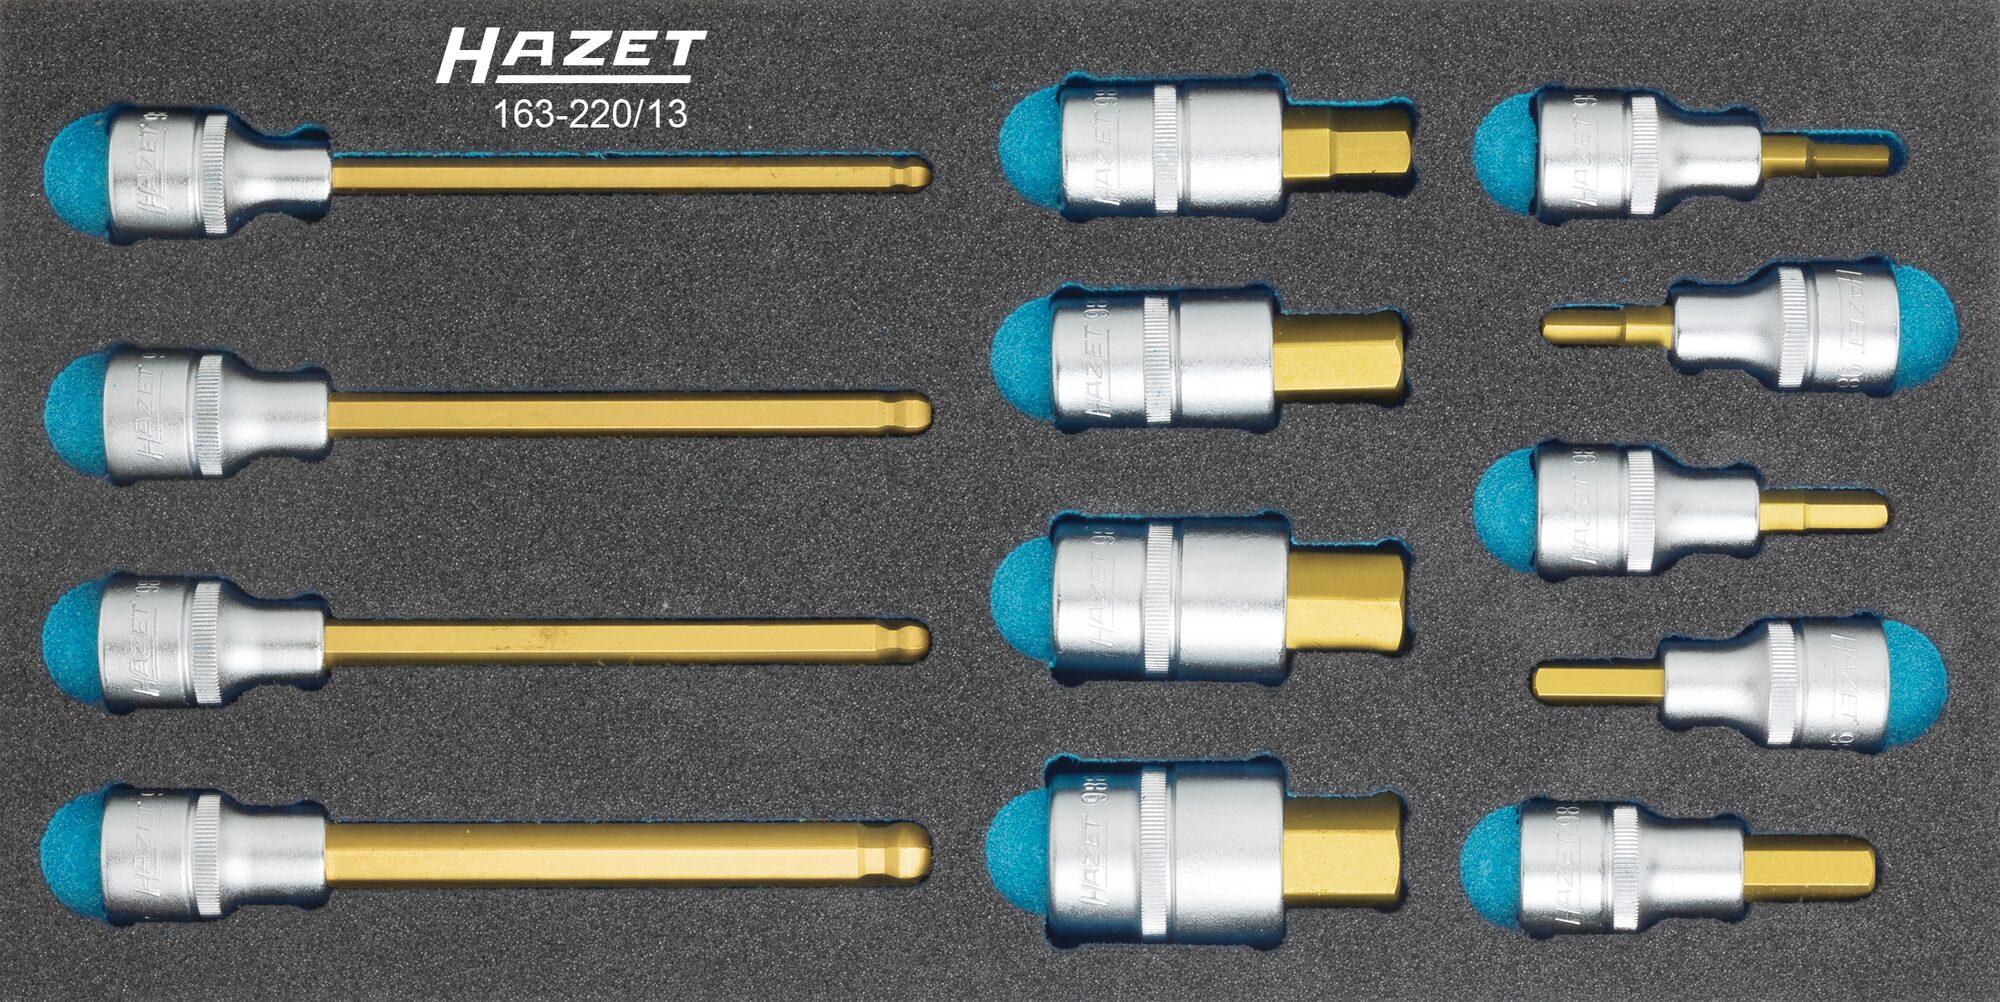 HAZET Schraubendreher-Steckschlüsseleinsatz Satz 163-220/13 ∙ Vierkant hohl 12,5 mm (1/2 Zoll) ∙ Innen-Sechskant Profil